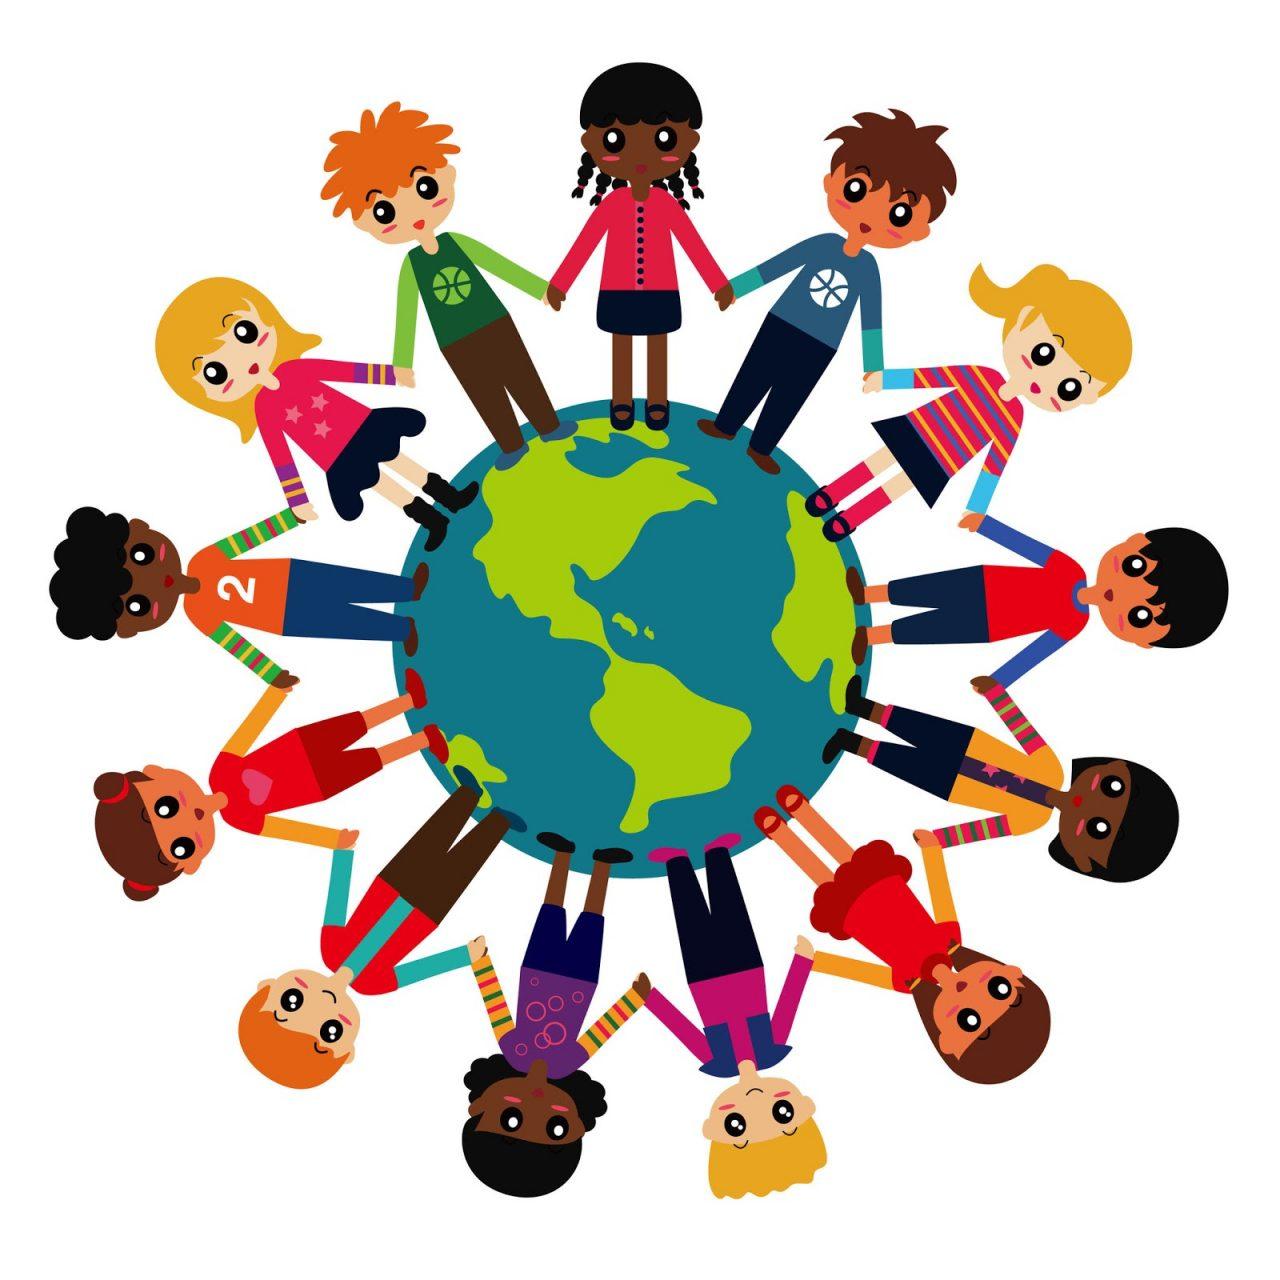 I.Kısım Çocuk Hakları Sözleşmesinin maddeleri